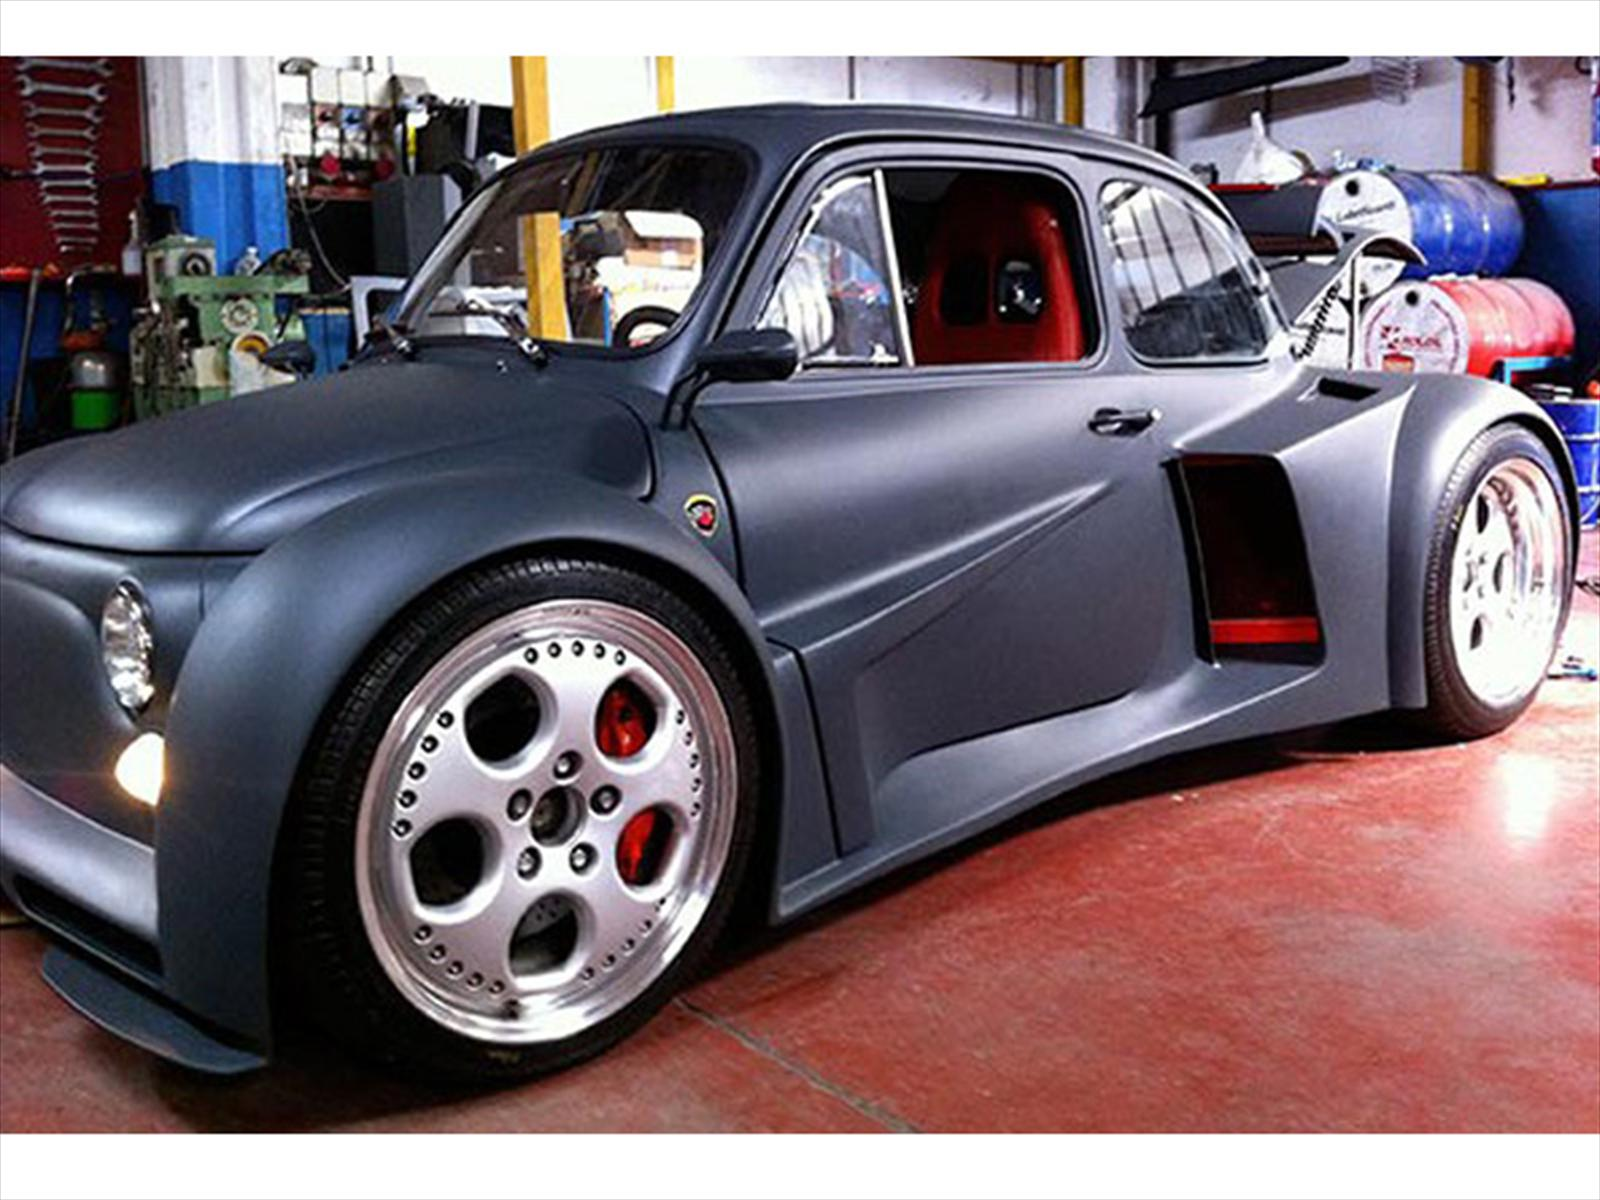 Fiat 500 Modificado Con Motor V12 De Lamborghini